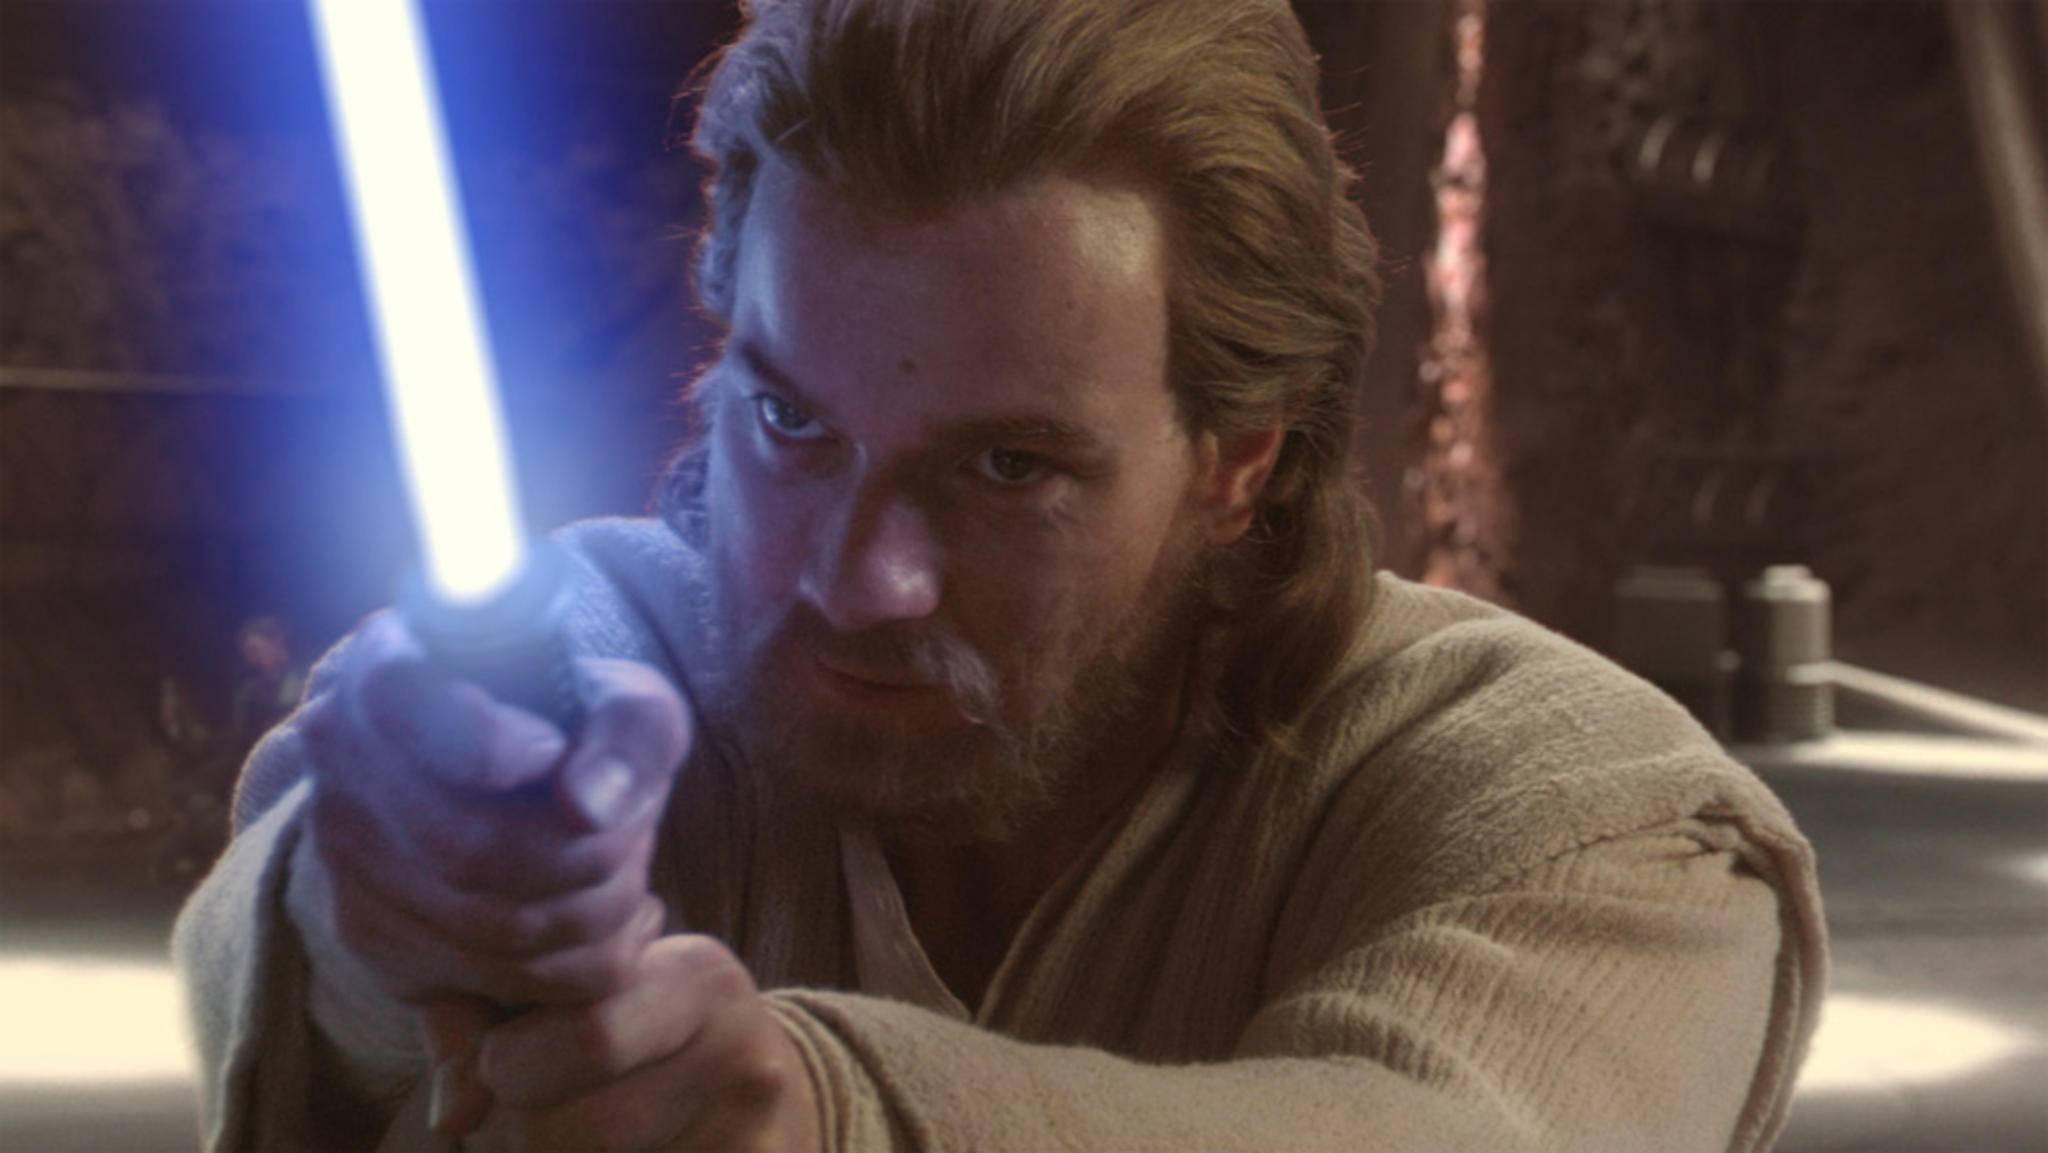 Bald streiten sich Obi Wan Kenobi und Jar Jar Binks darüber, wer den schöneren Bart hat.